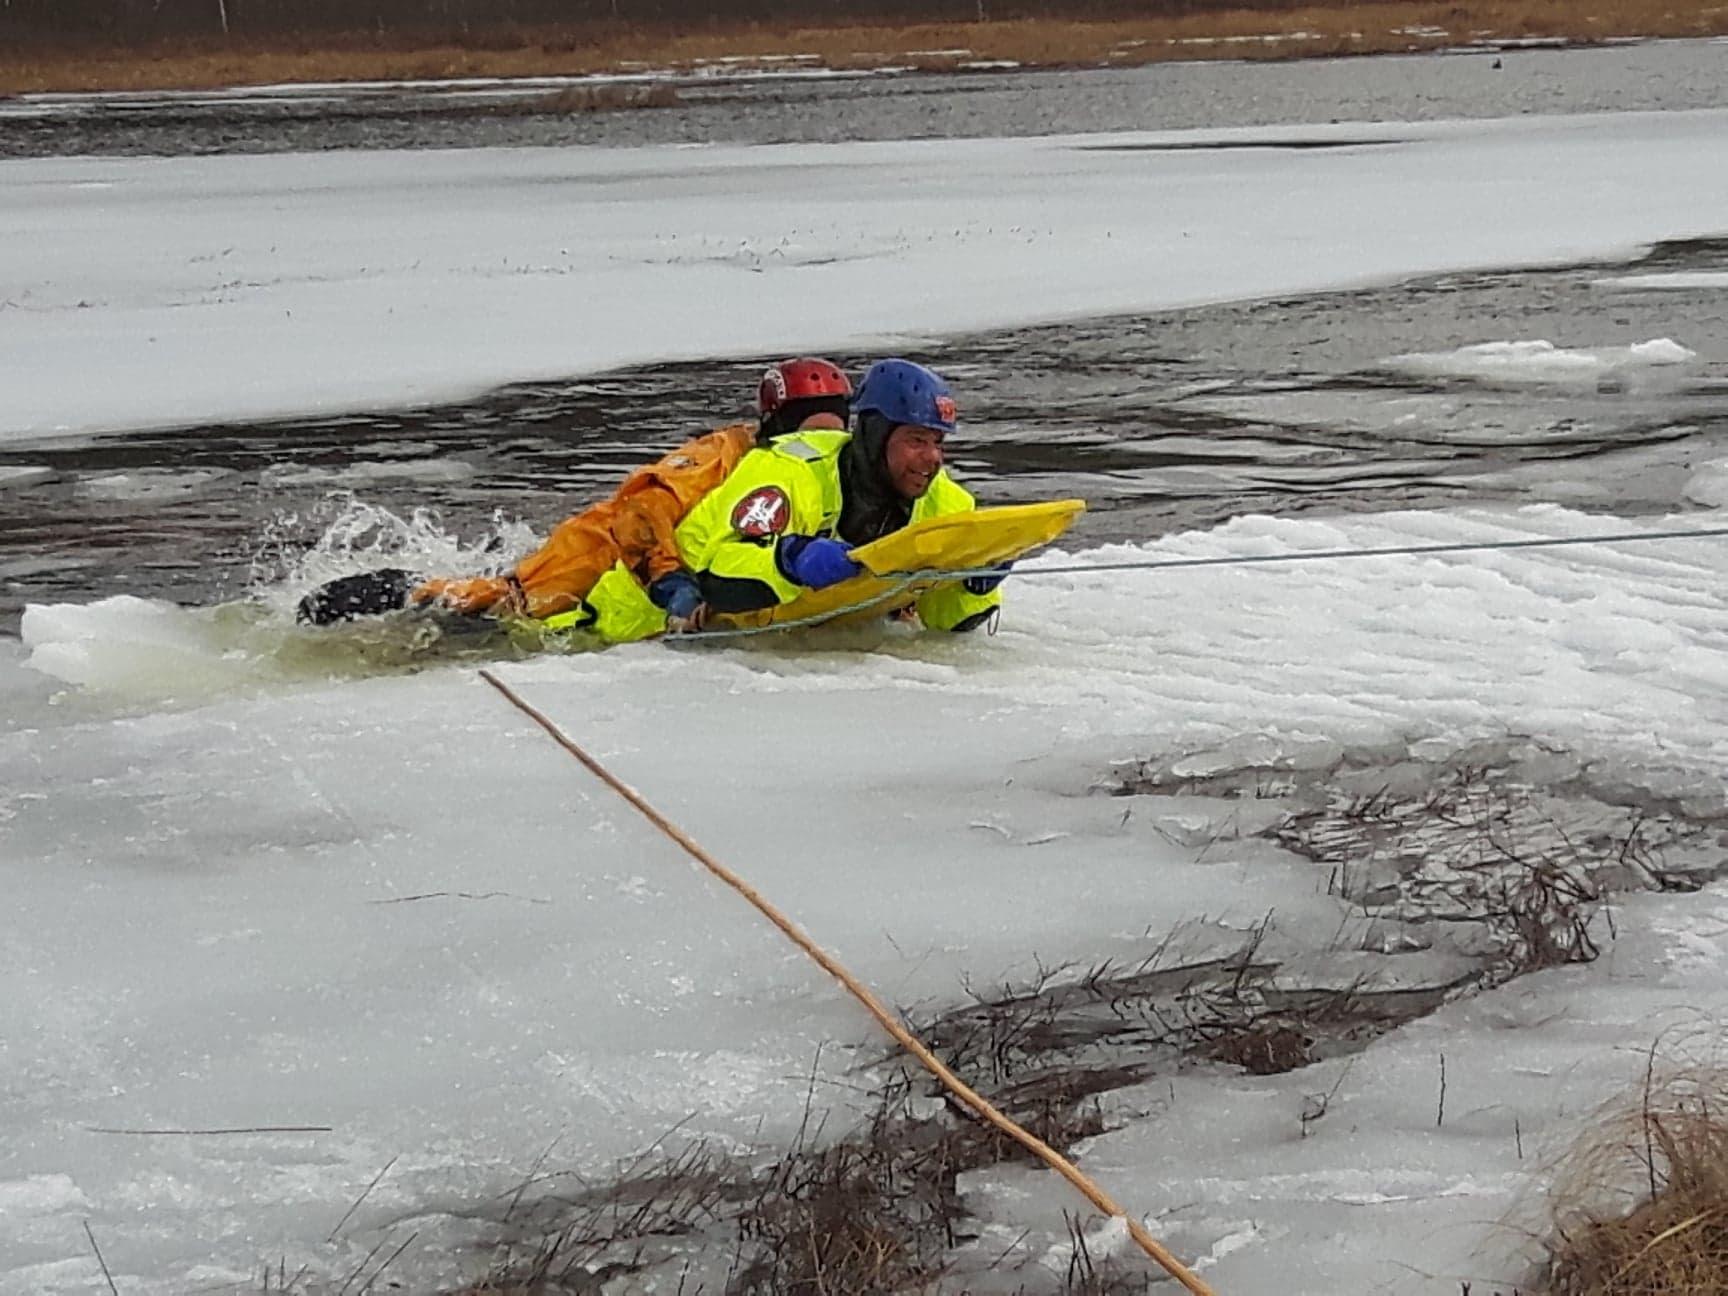 https://0901.nccdn.net/4_2/000/000/038/2d3/johny-getting-rescued-1728x1296.jpg